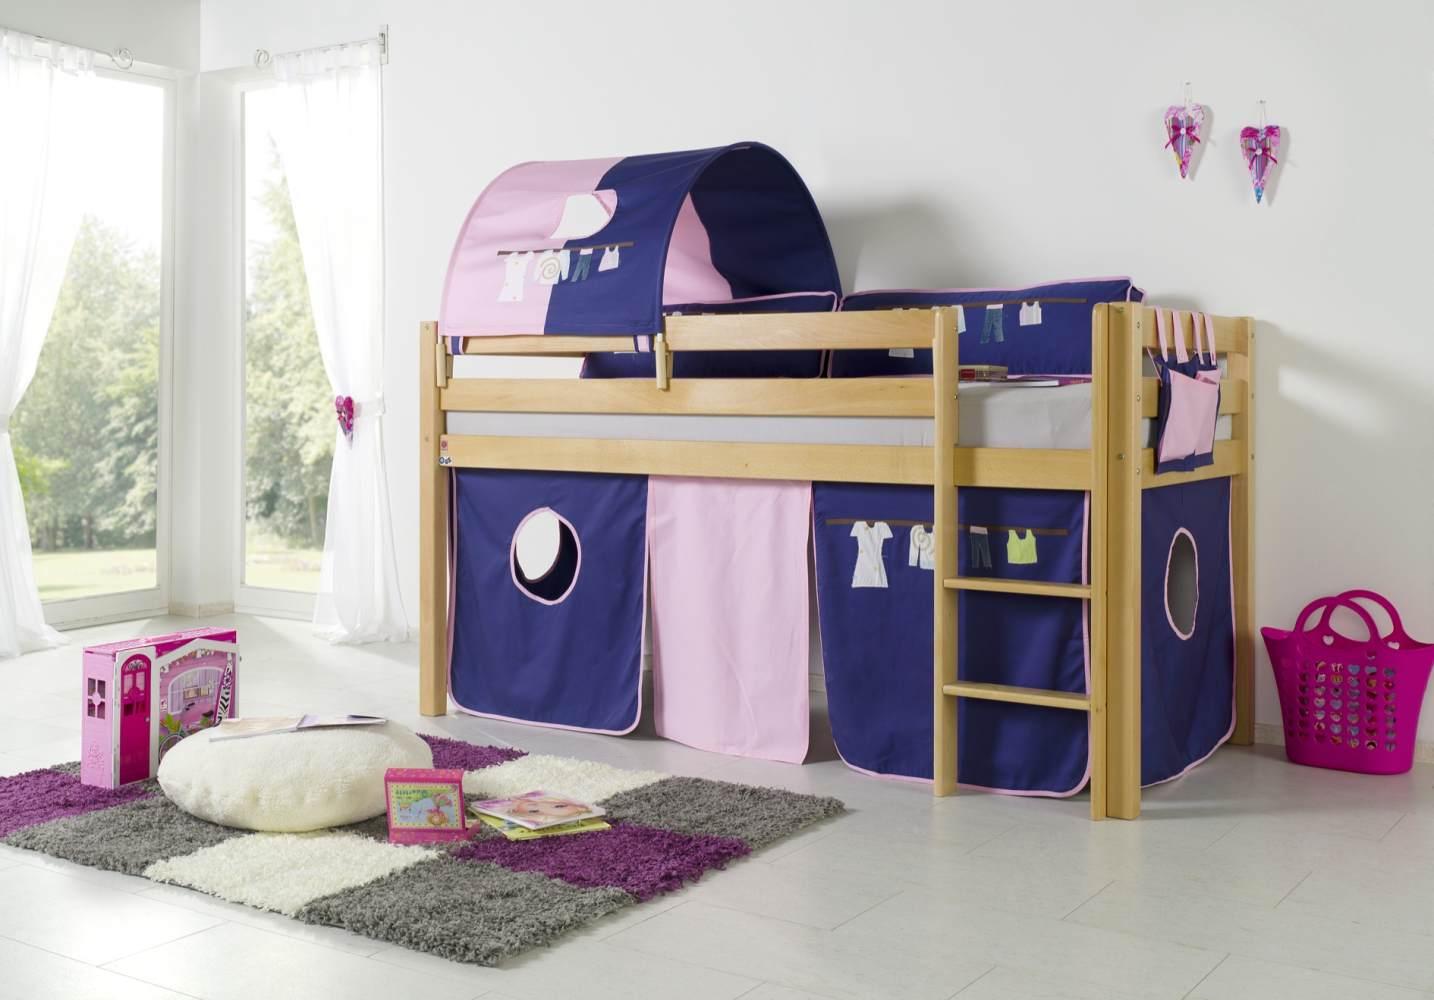 Relita Halbhohes Spielbett ALEX Buche massiv natur lackiert mit Stoffset Kleider Bild 1